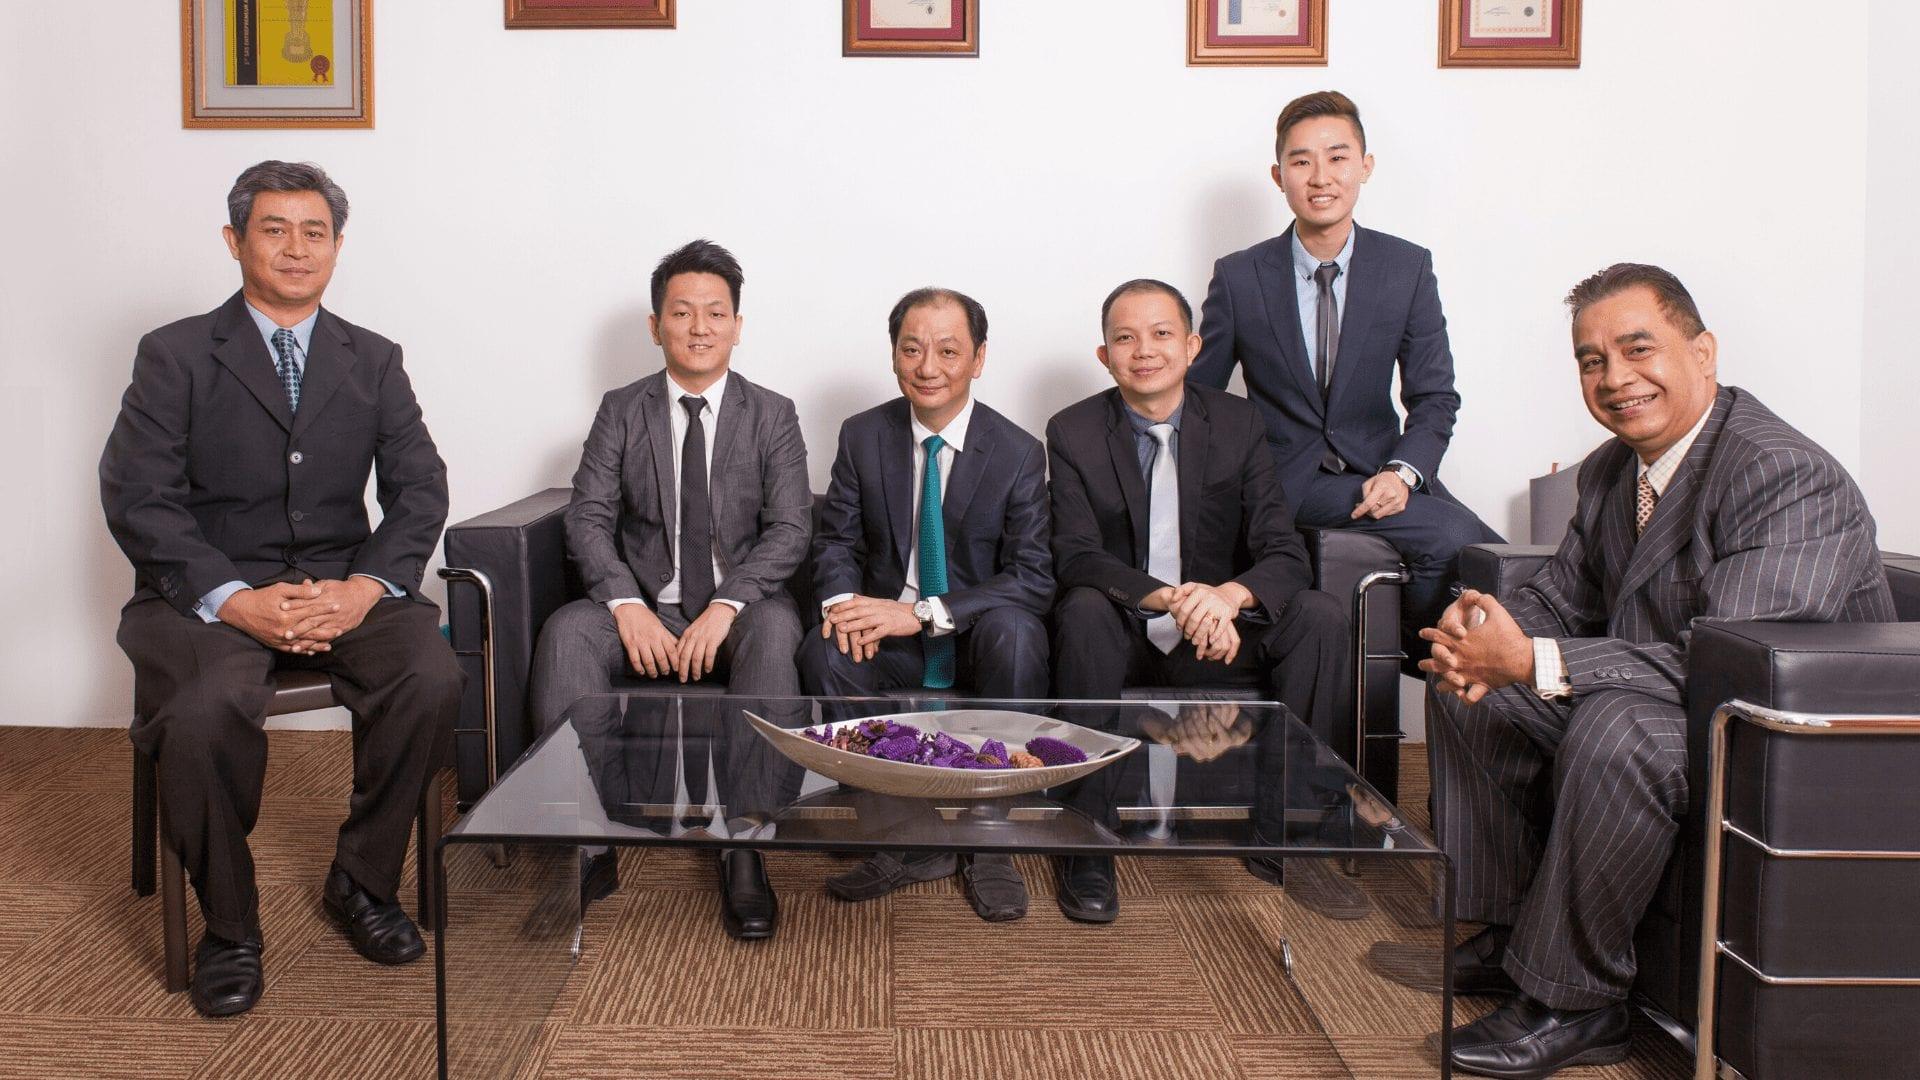 Talk Focus Sdn Bhd